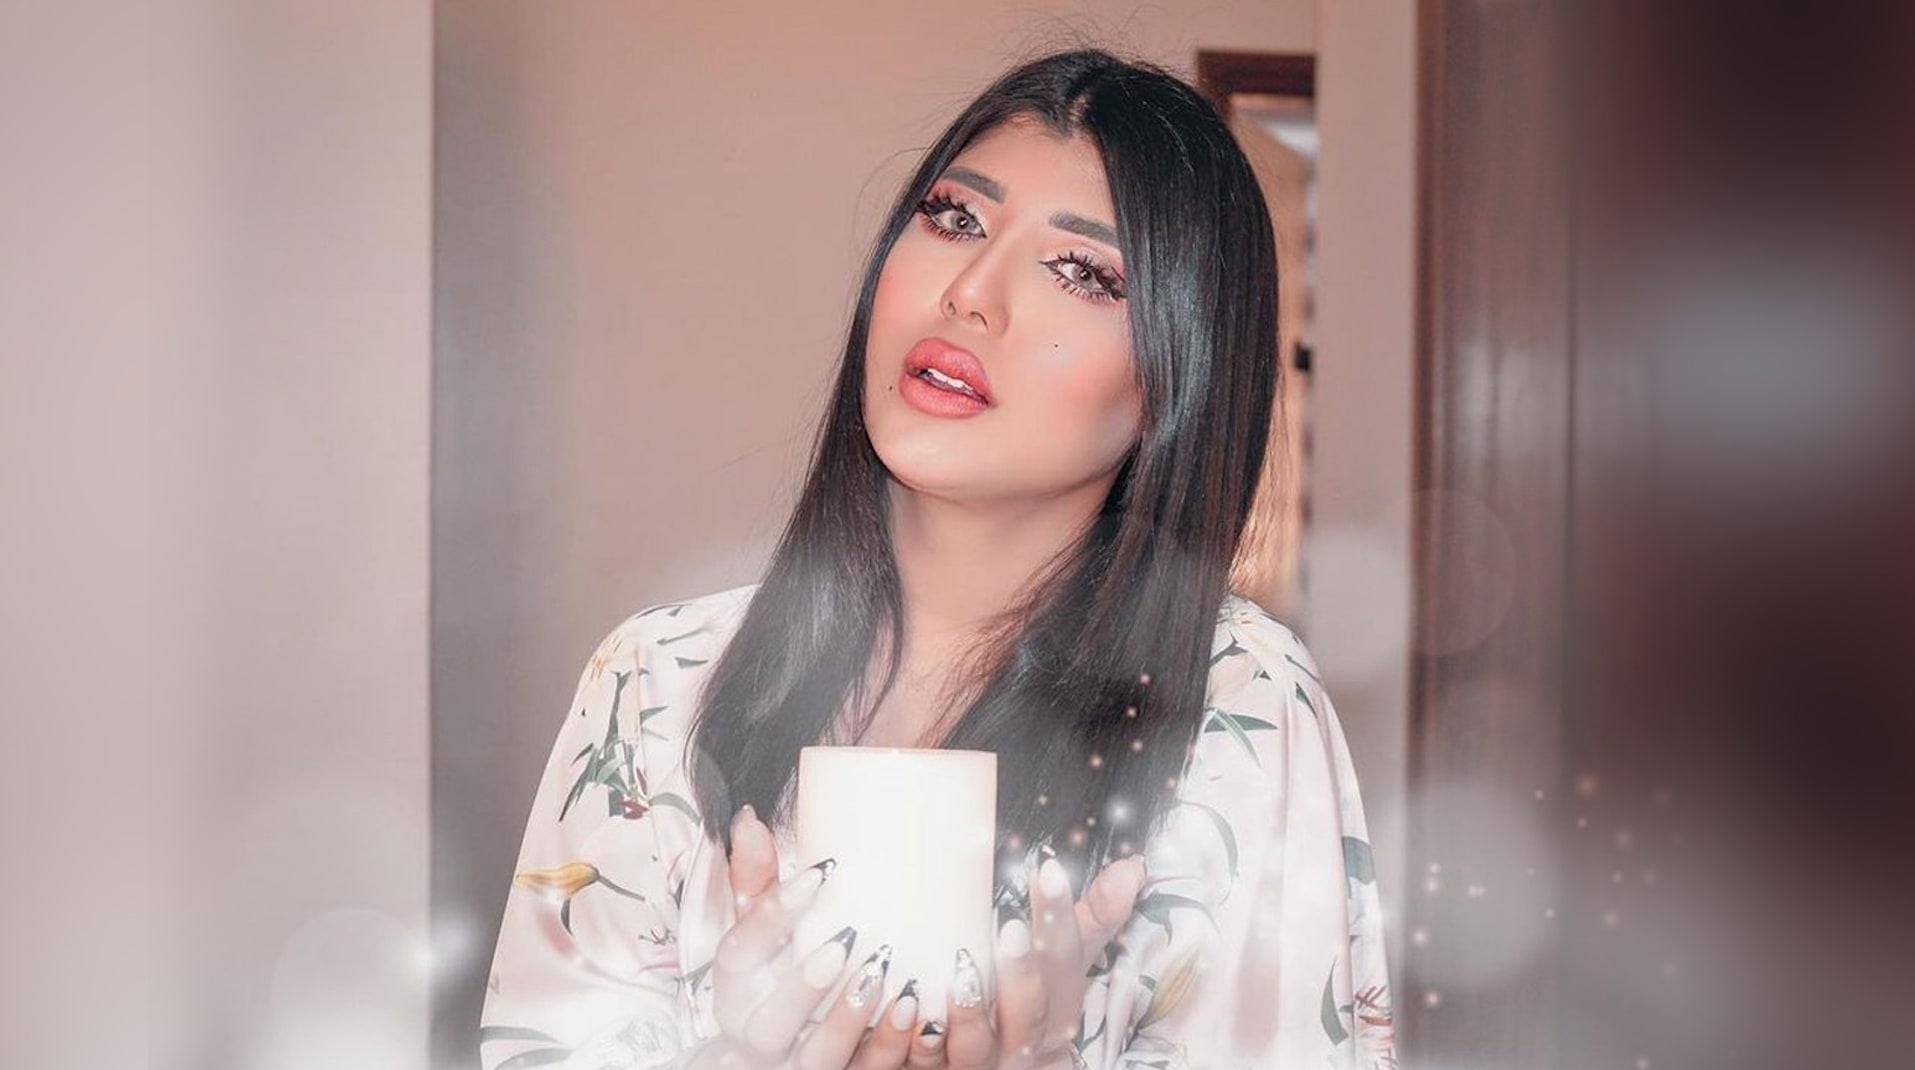 """الفاشينستا الكويتية سارة الكندري باكية: """"قطعتوا رزقي.. والله ما هأعتزل السوشيال ميديا"""""""